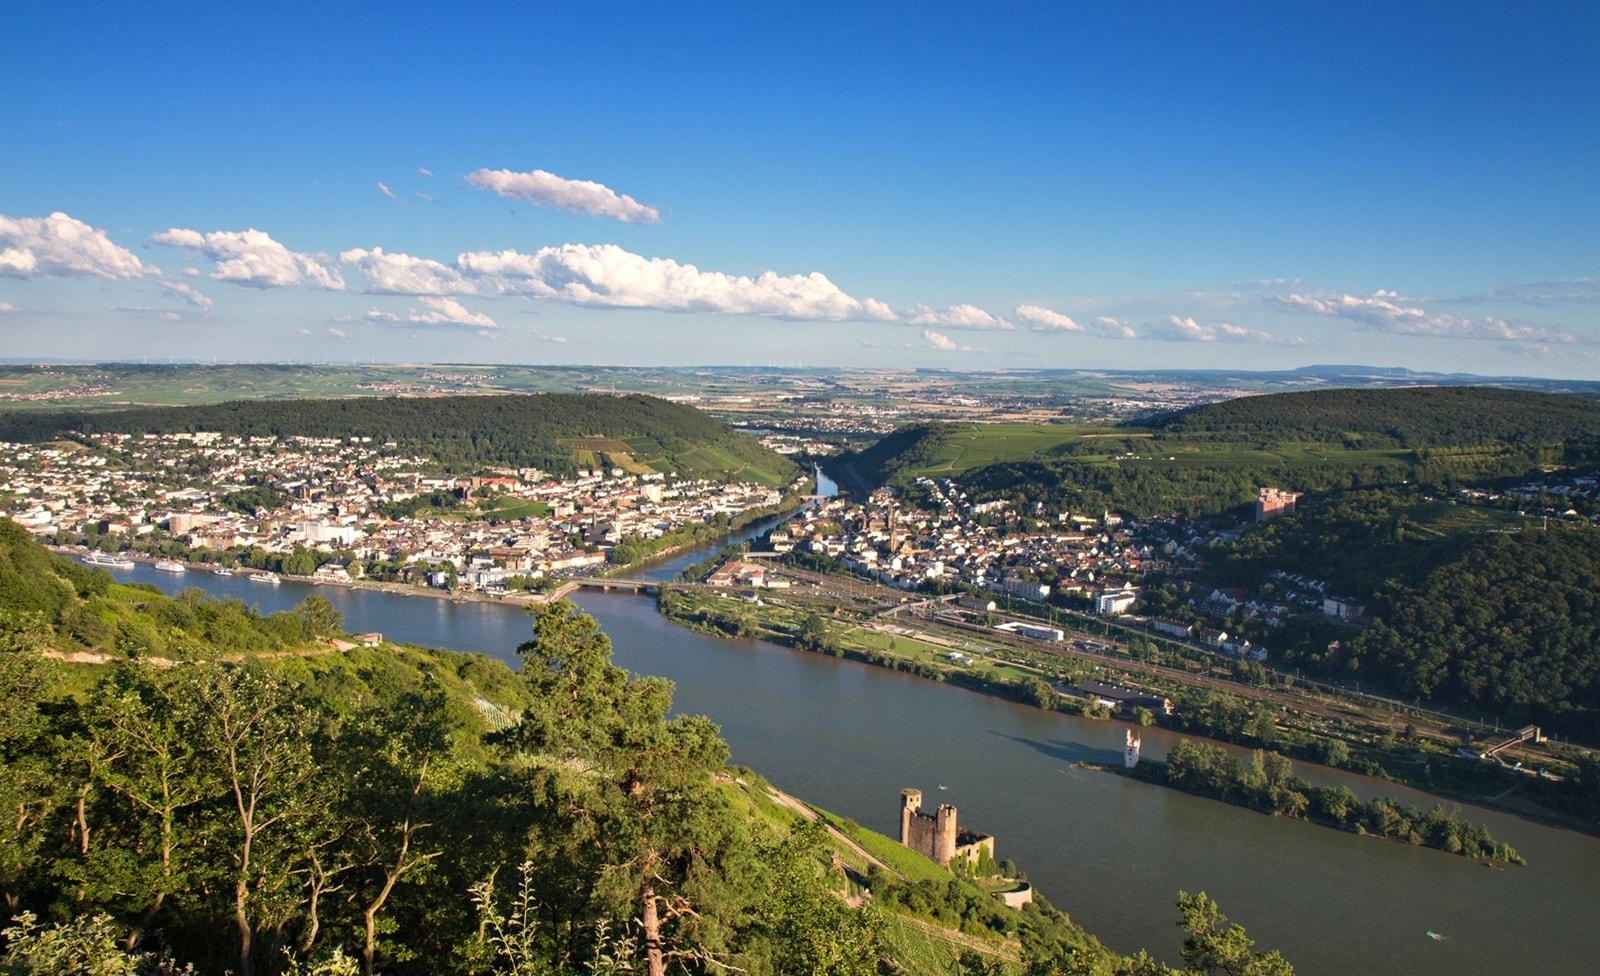 Aussichtspunkt am Rhein